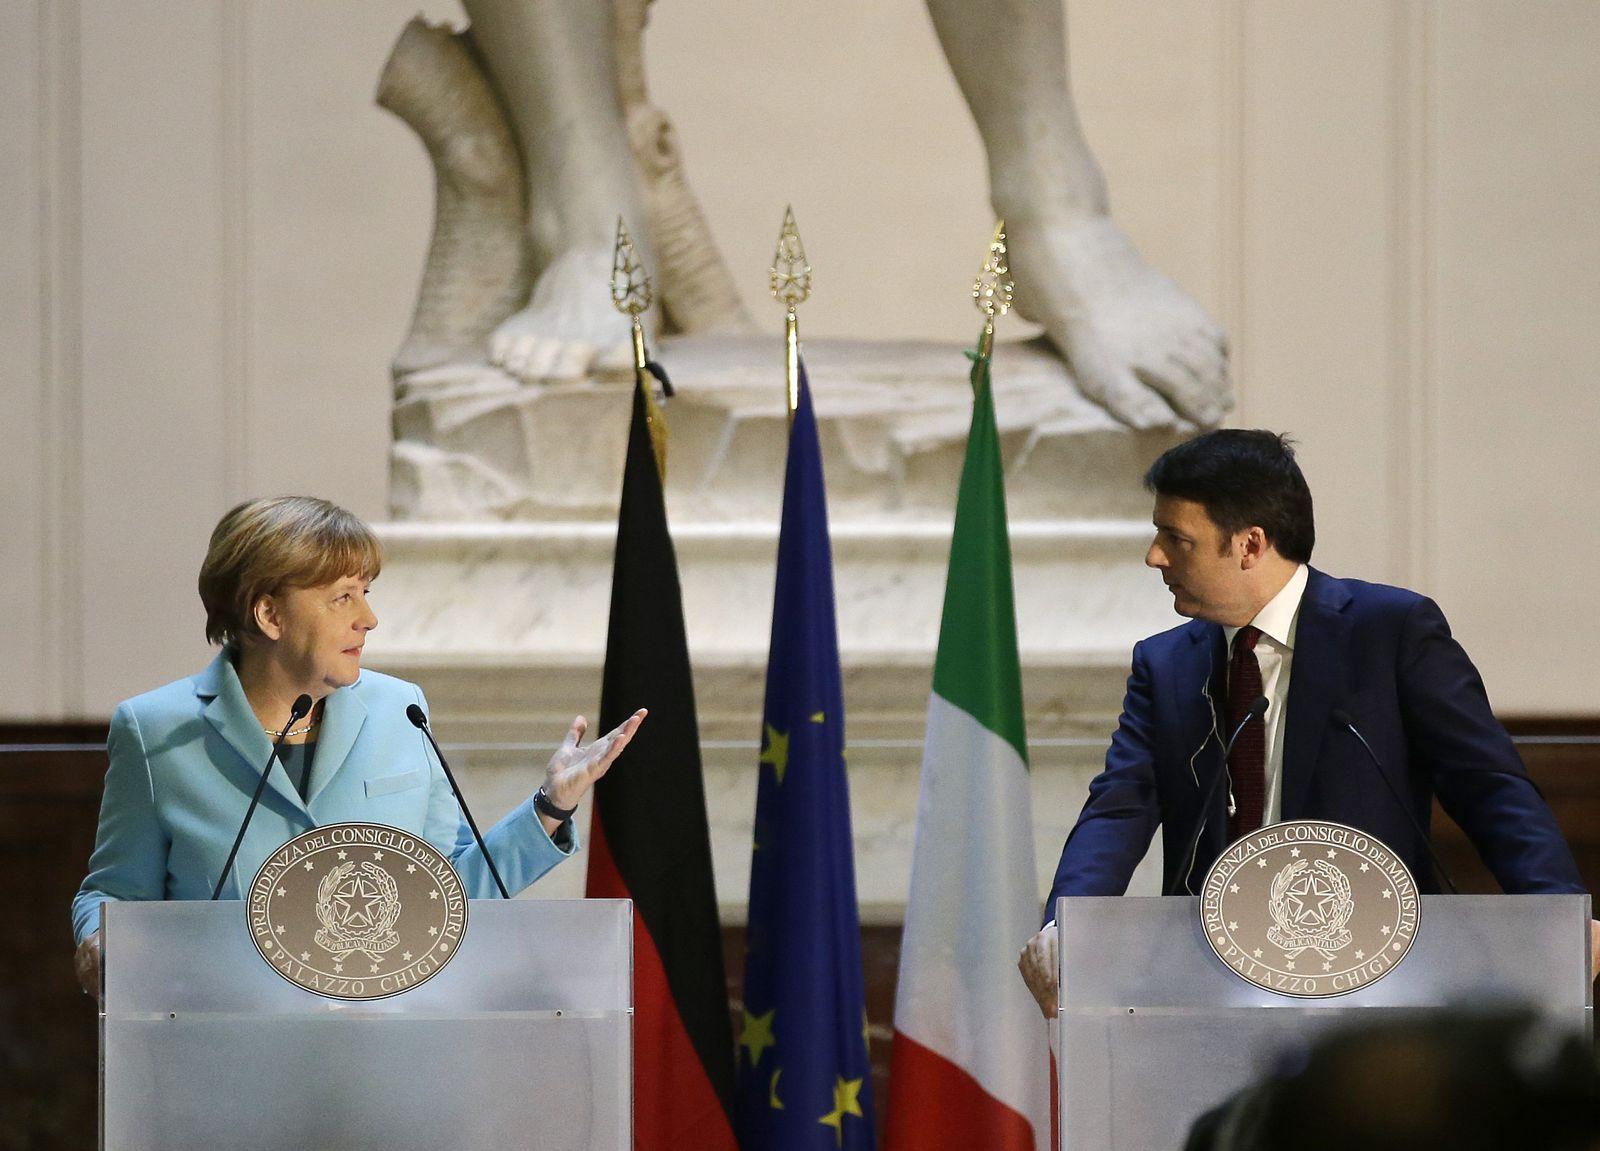 Angela Merkel, Matteo Renzi